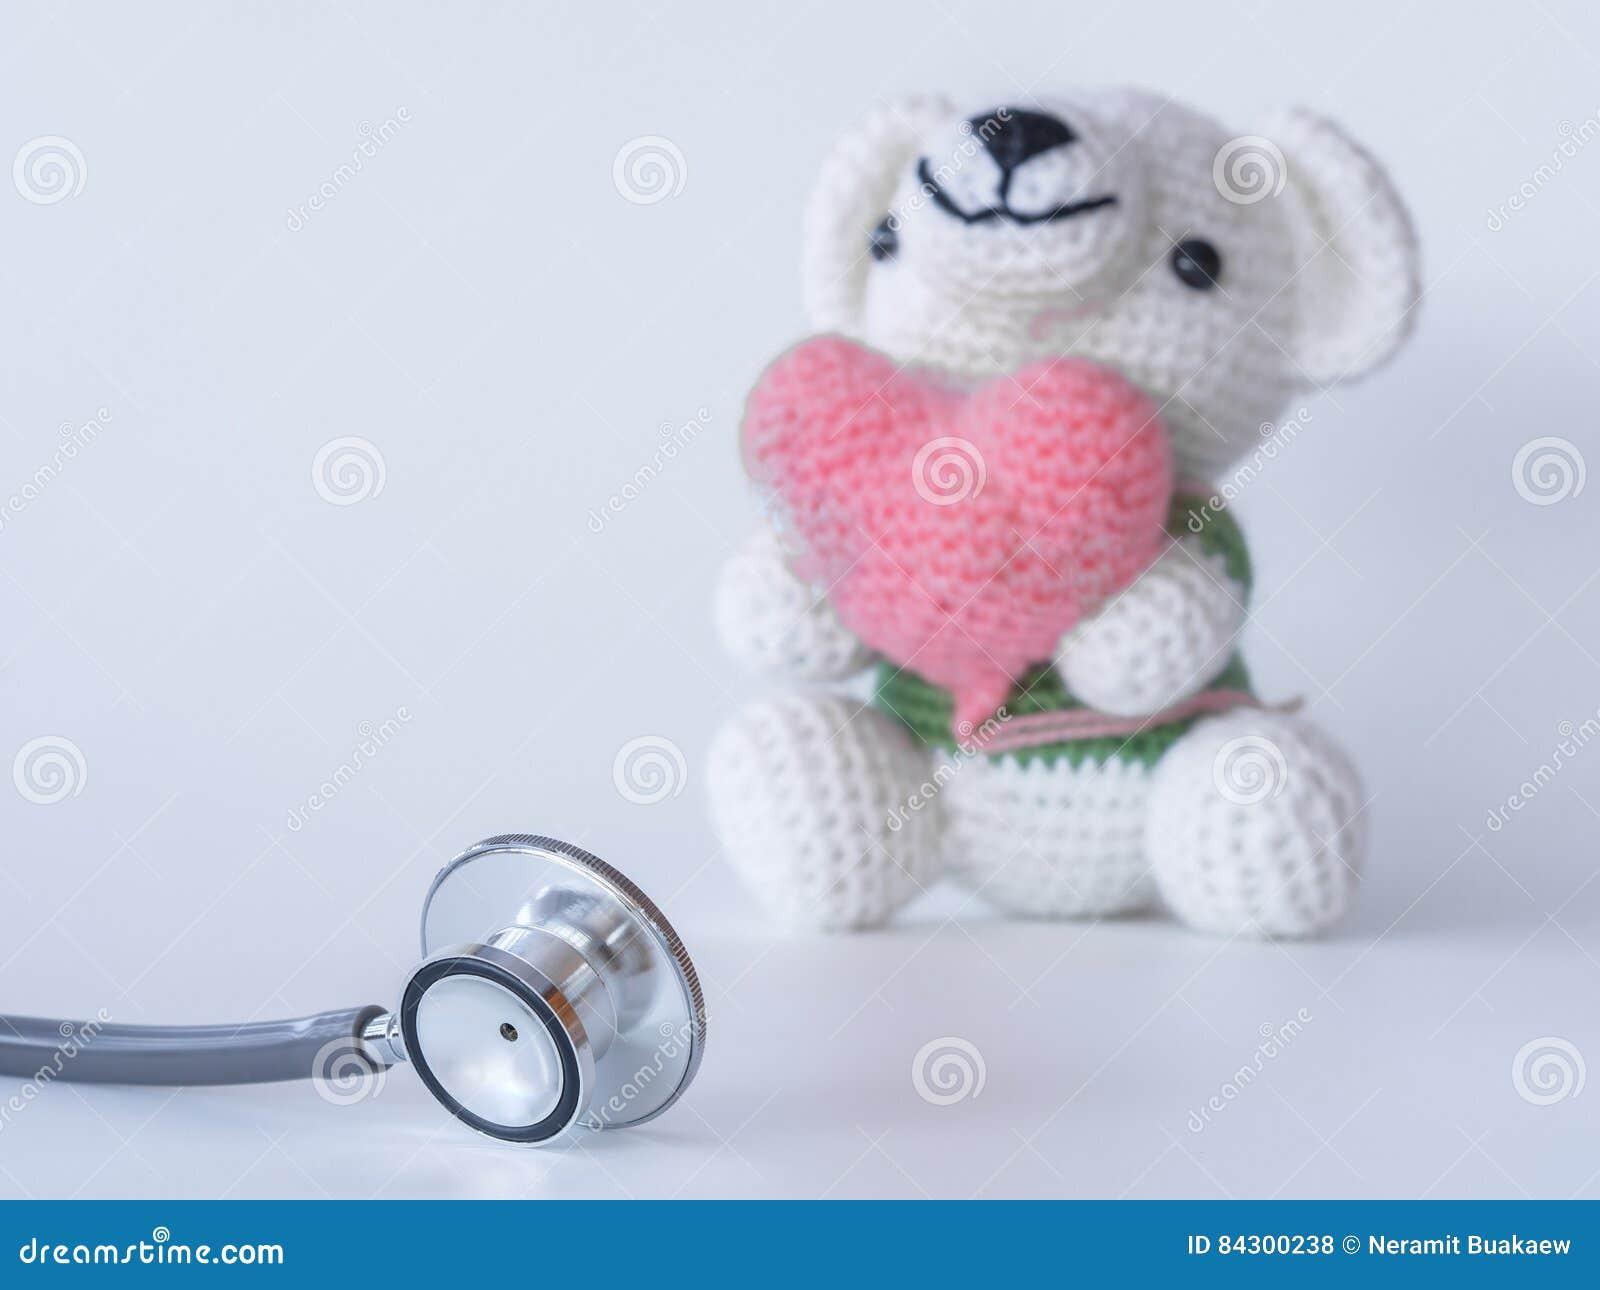 Stethoskop Und Teddybär, Die Ein Herz Auf Weißem Hintergrund Halten ...